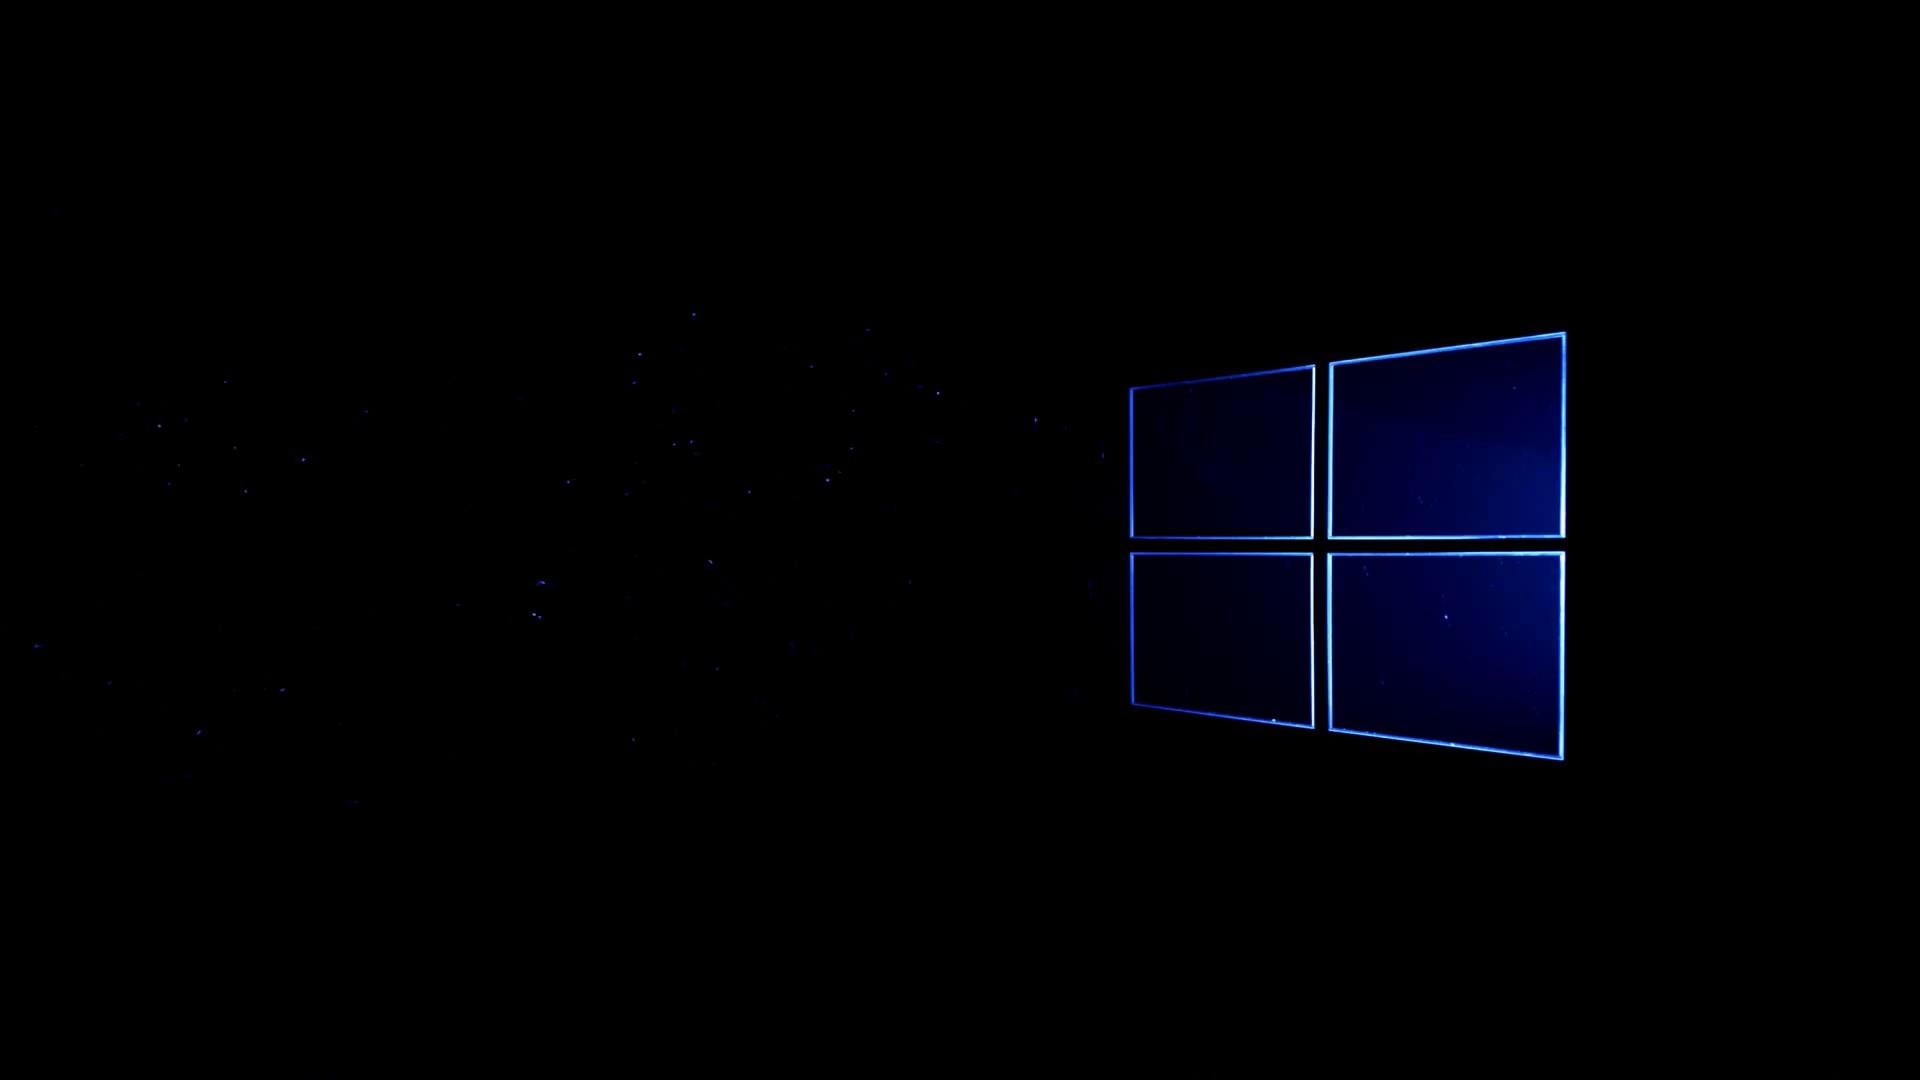 Windows 10 Fond D 233 Cran Officiel Et Les Coulisses De Sa